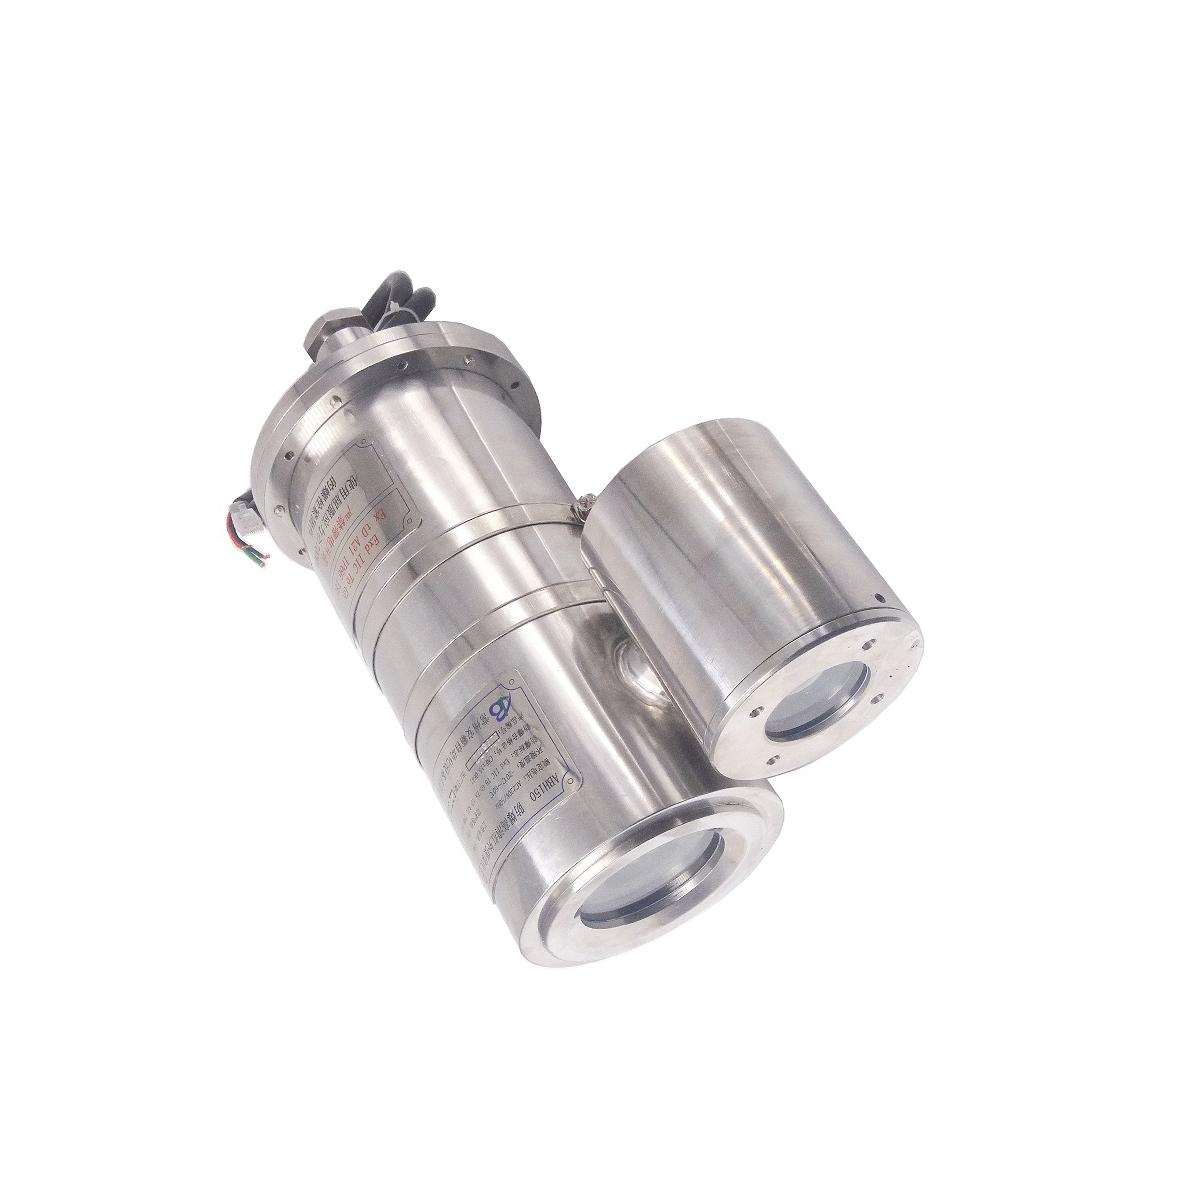 ABH150-IPC/1R防爆红外高清摄像头